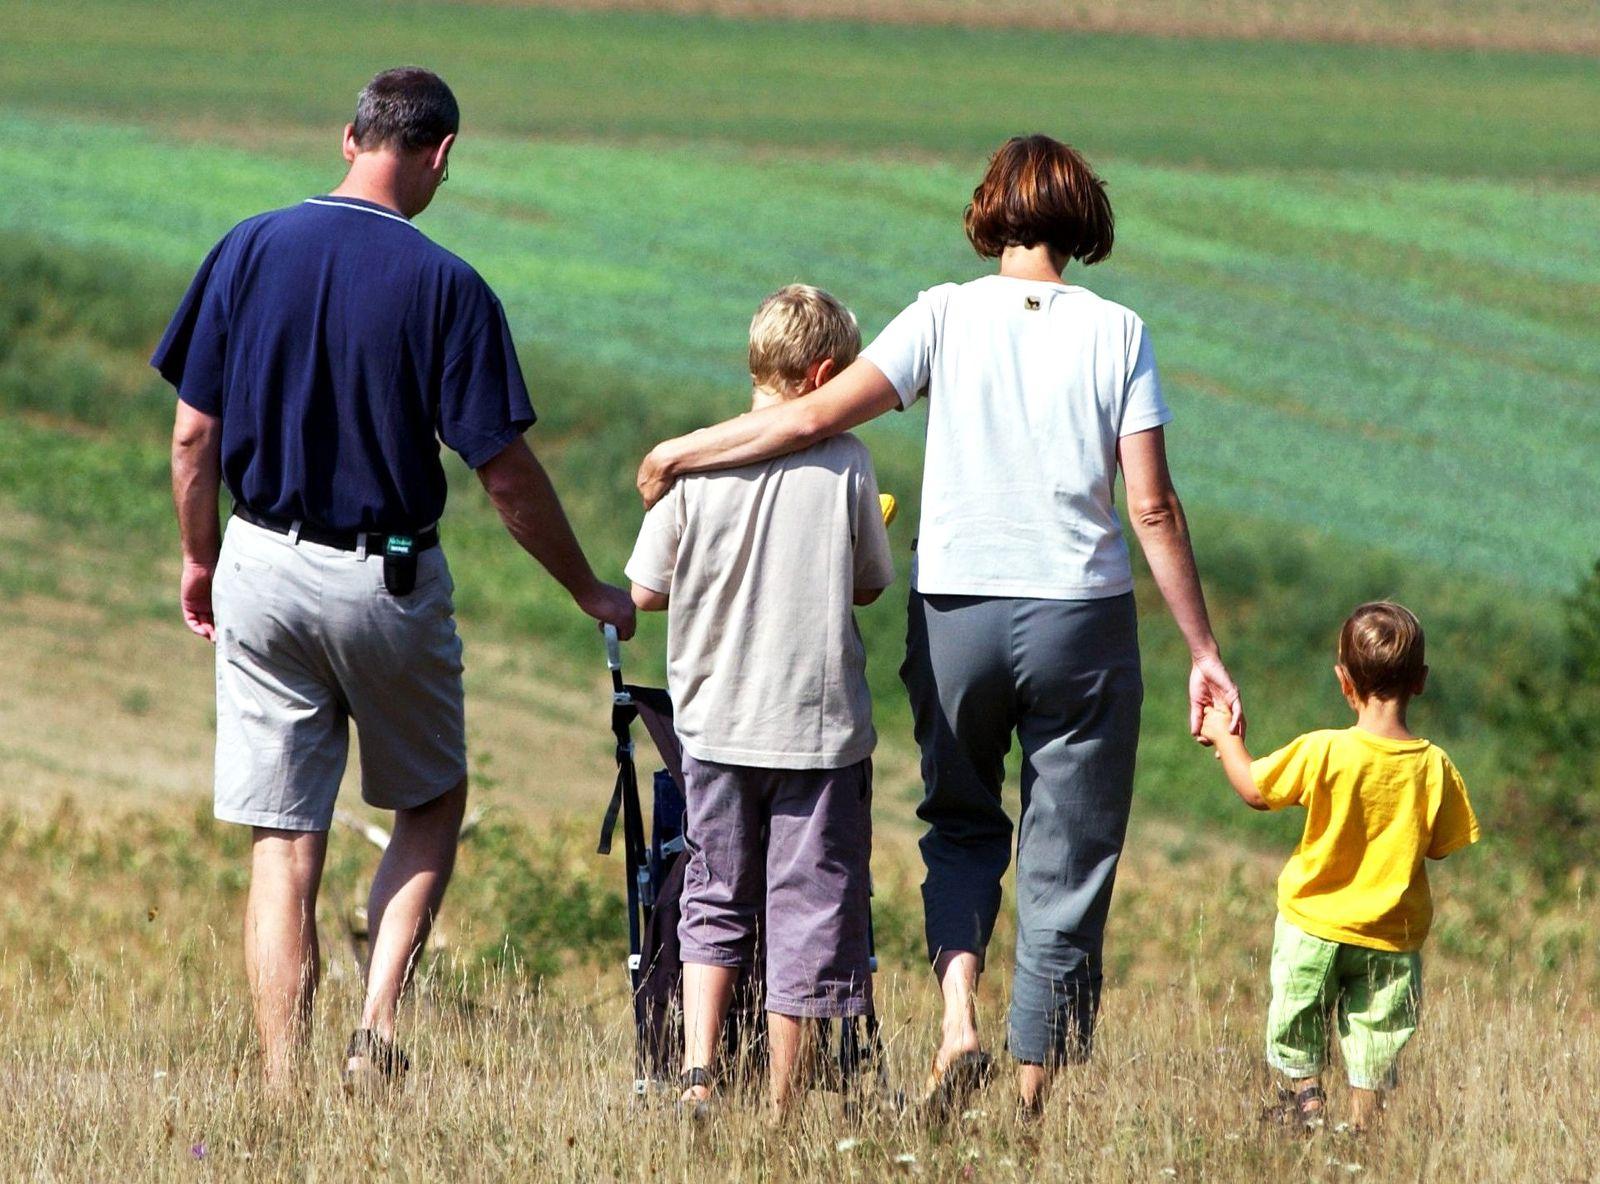 Familie / Familiensplitting